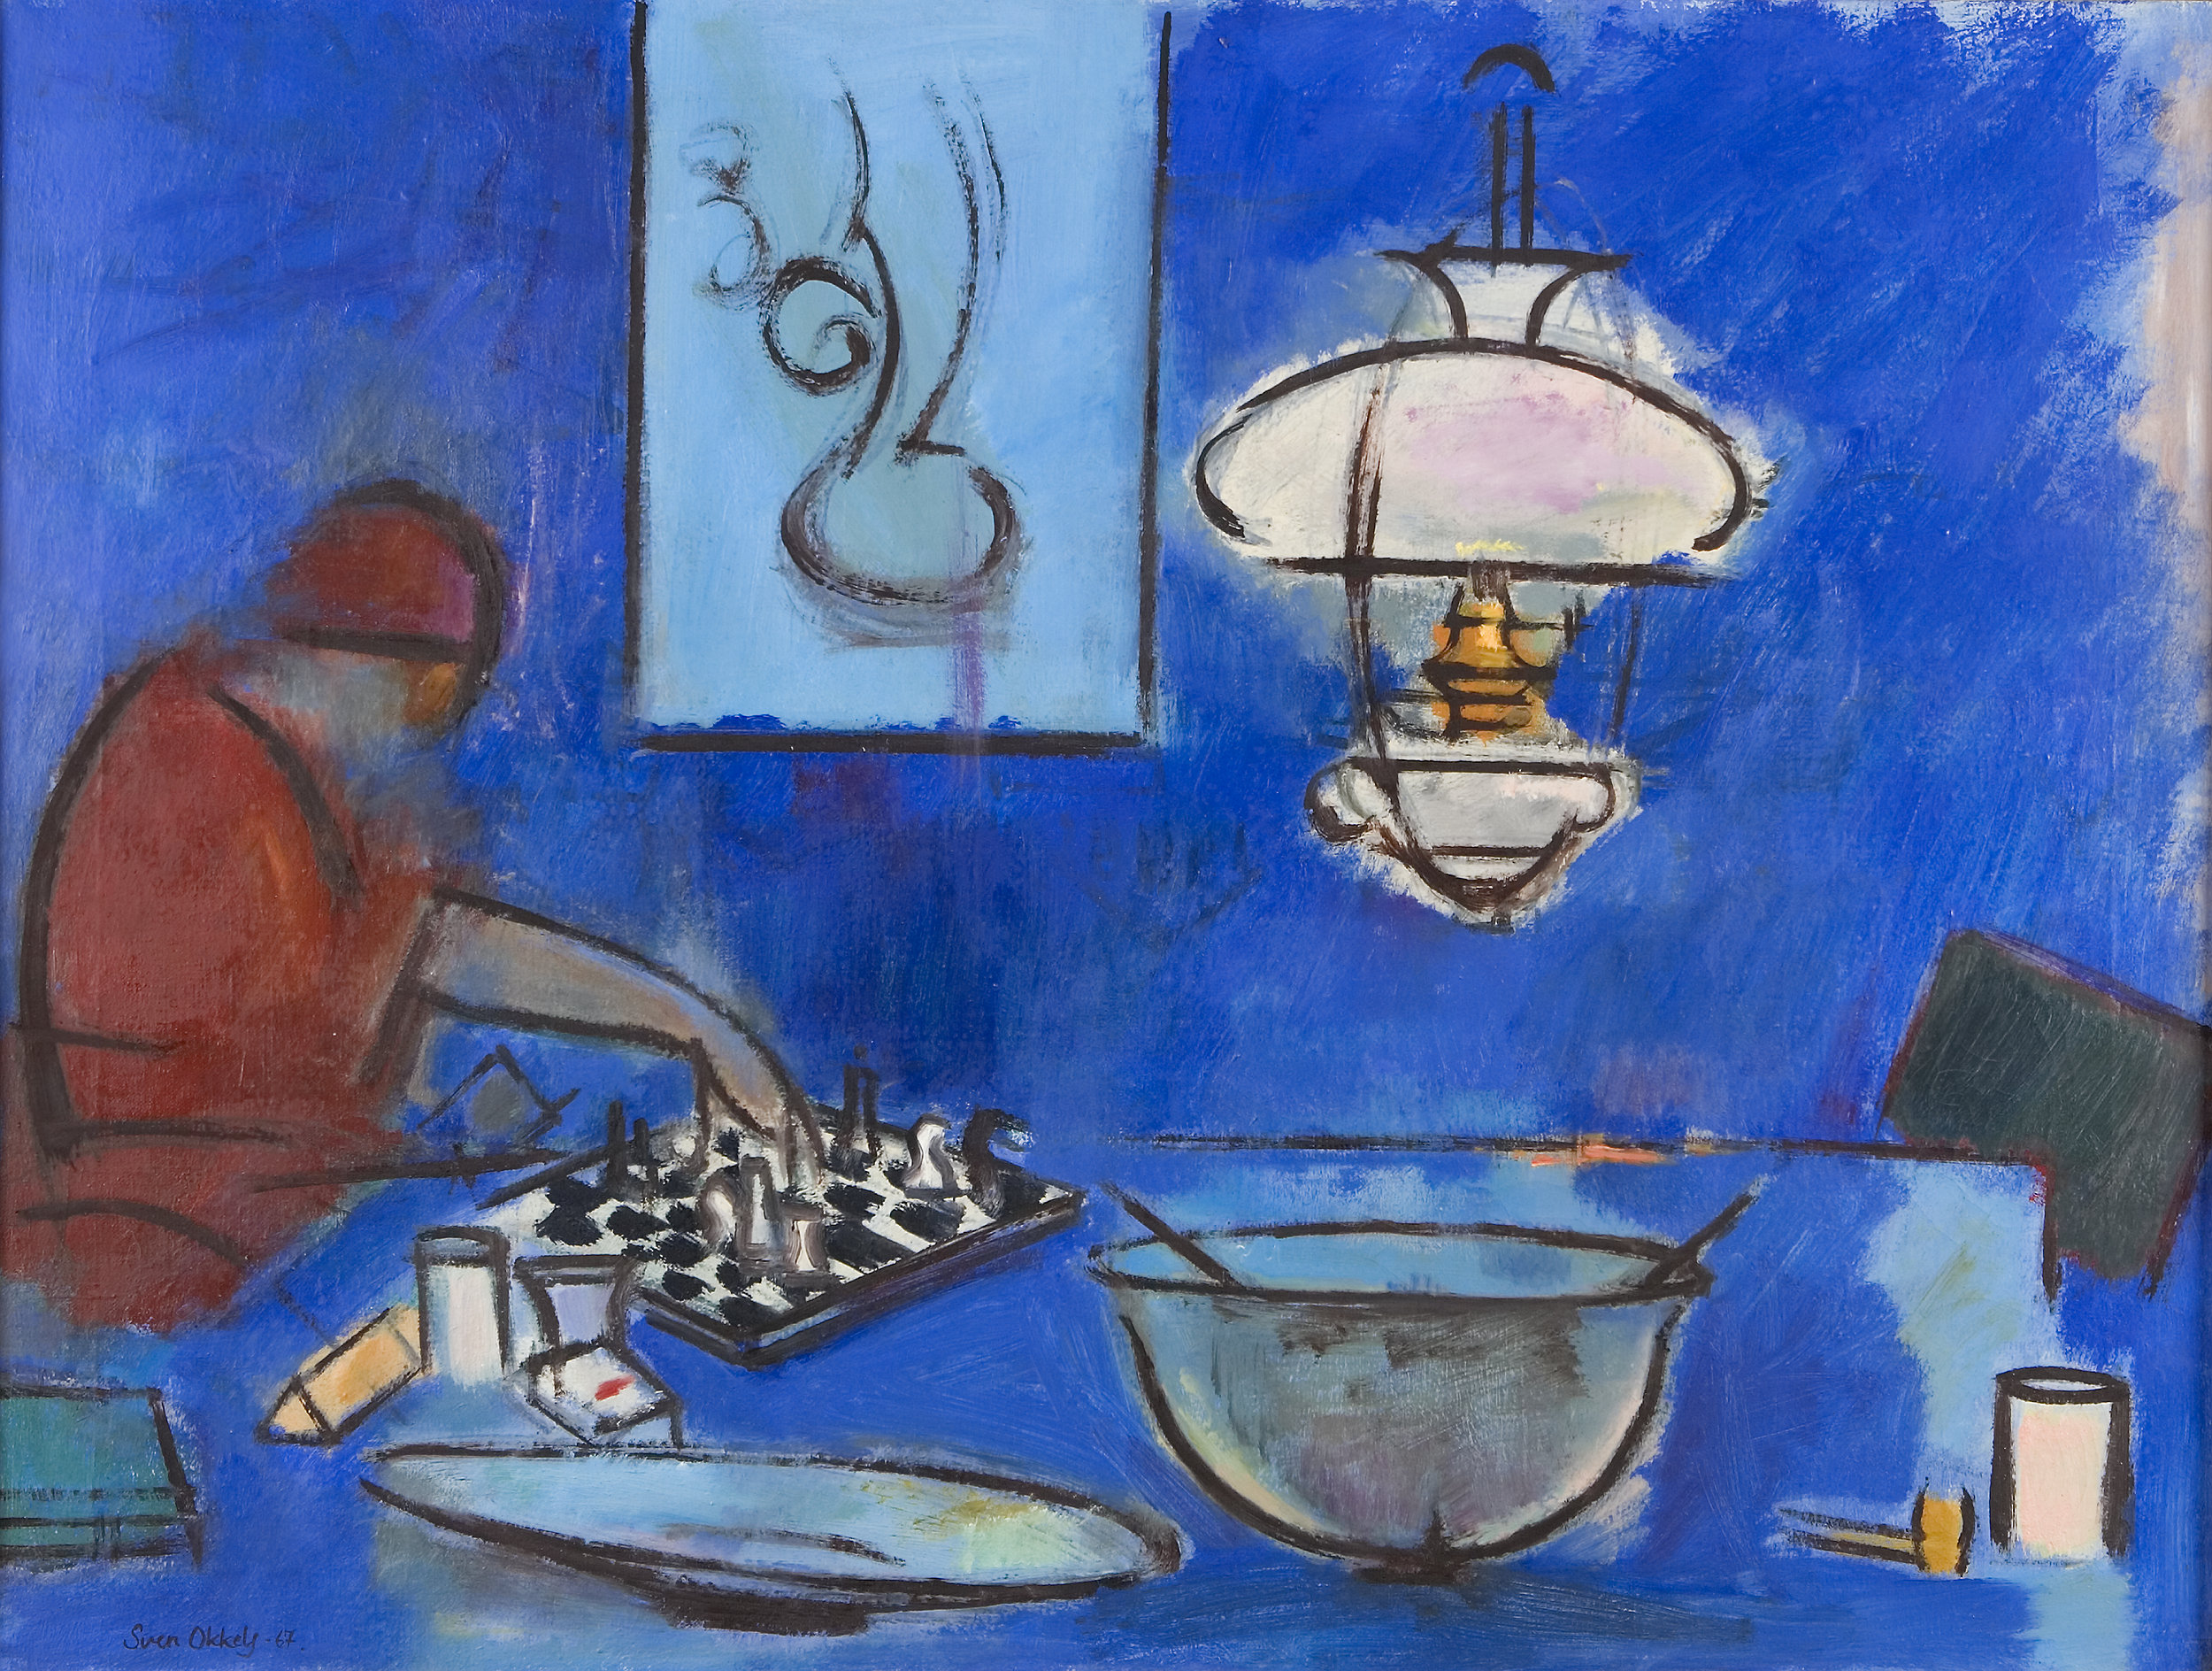 Mia spiller skak  1967